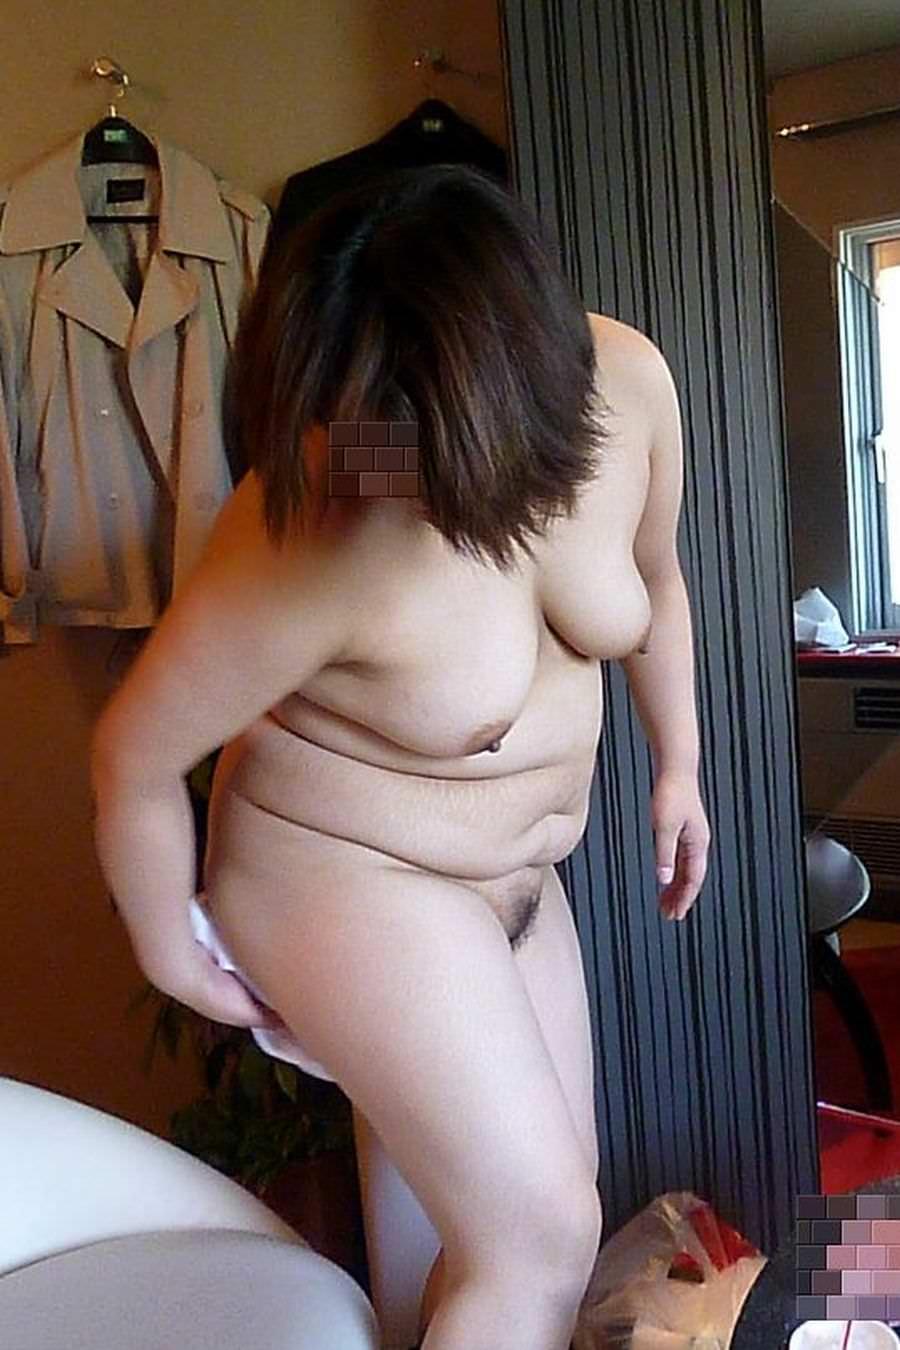 ぽっちゃり系??いや、デブ女どもの全裸を集めた素人ヌード集www 0220